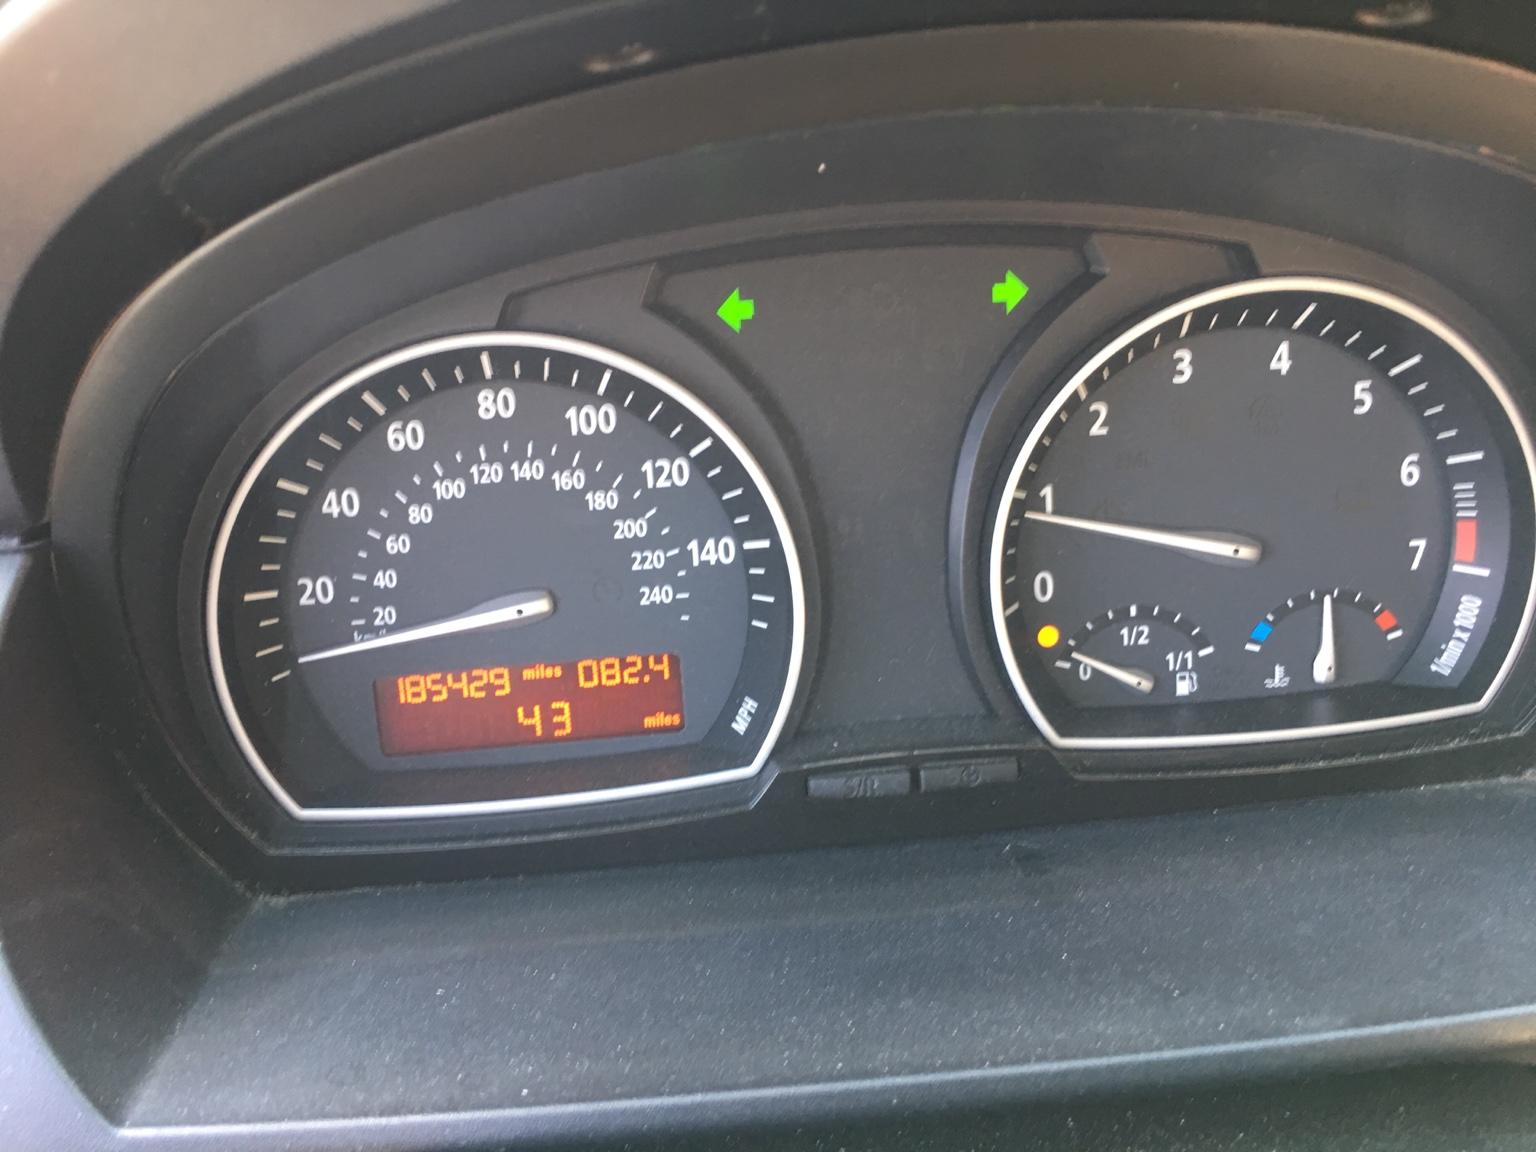 BMW 2005 X3 ran out of gas 1/4 tank on gauge - Bimmerfest